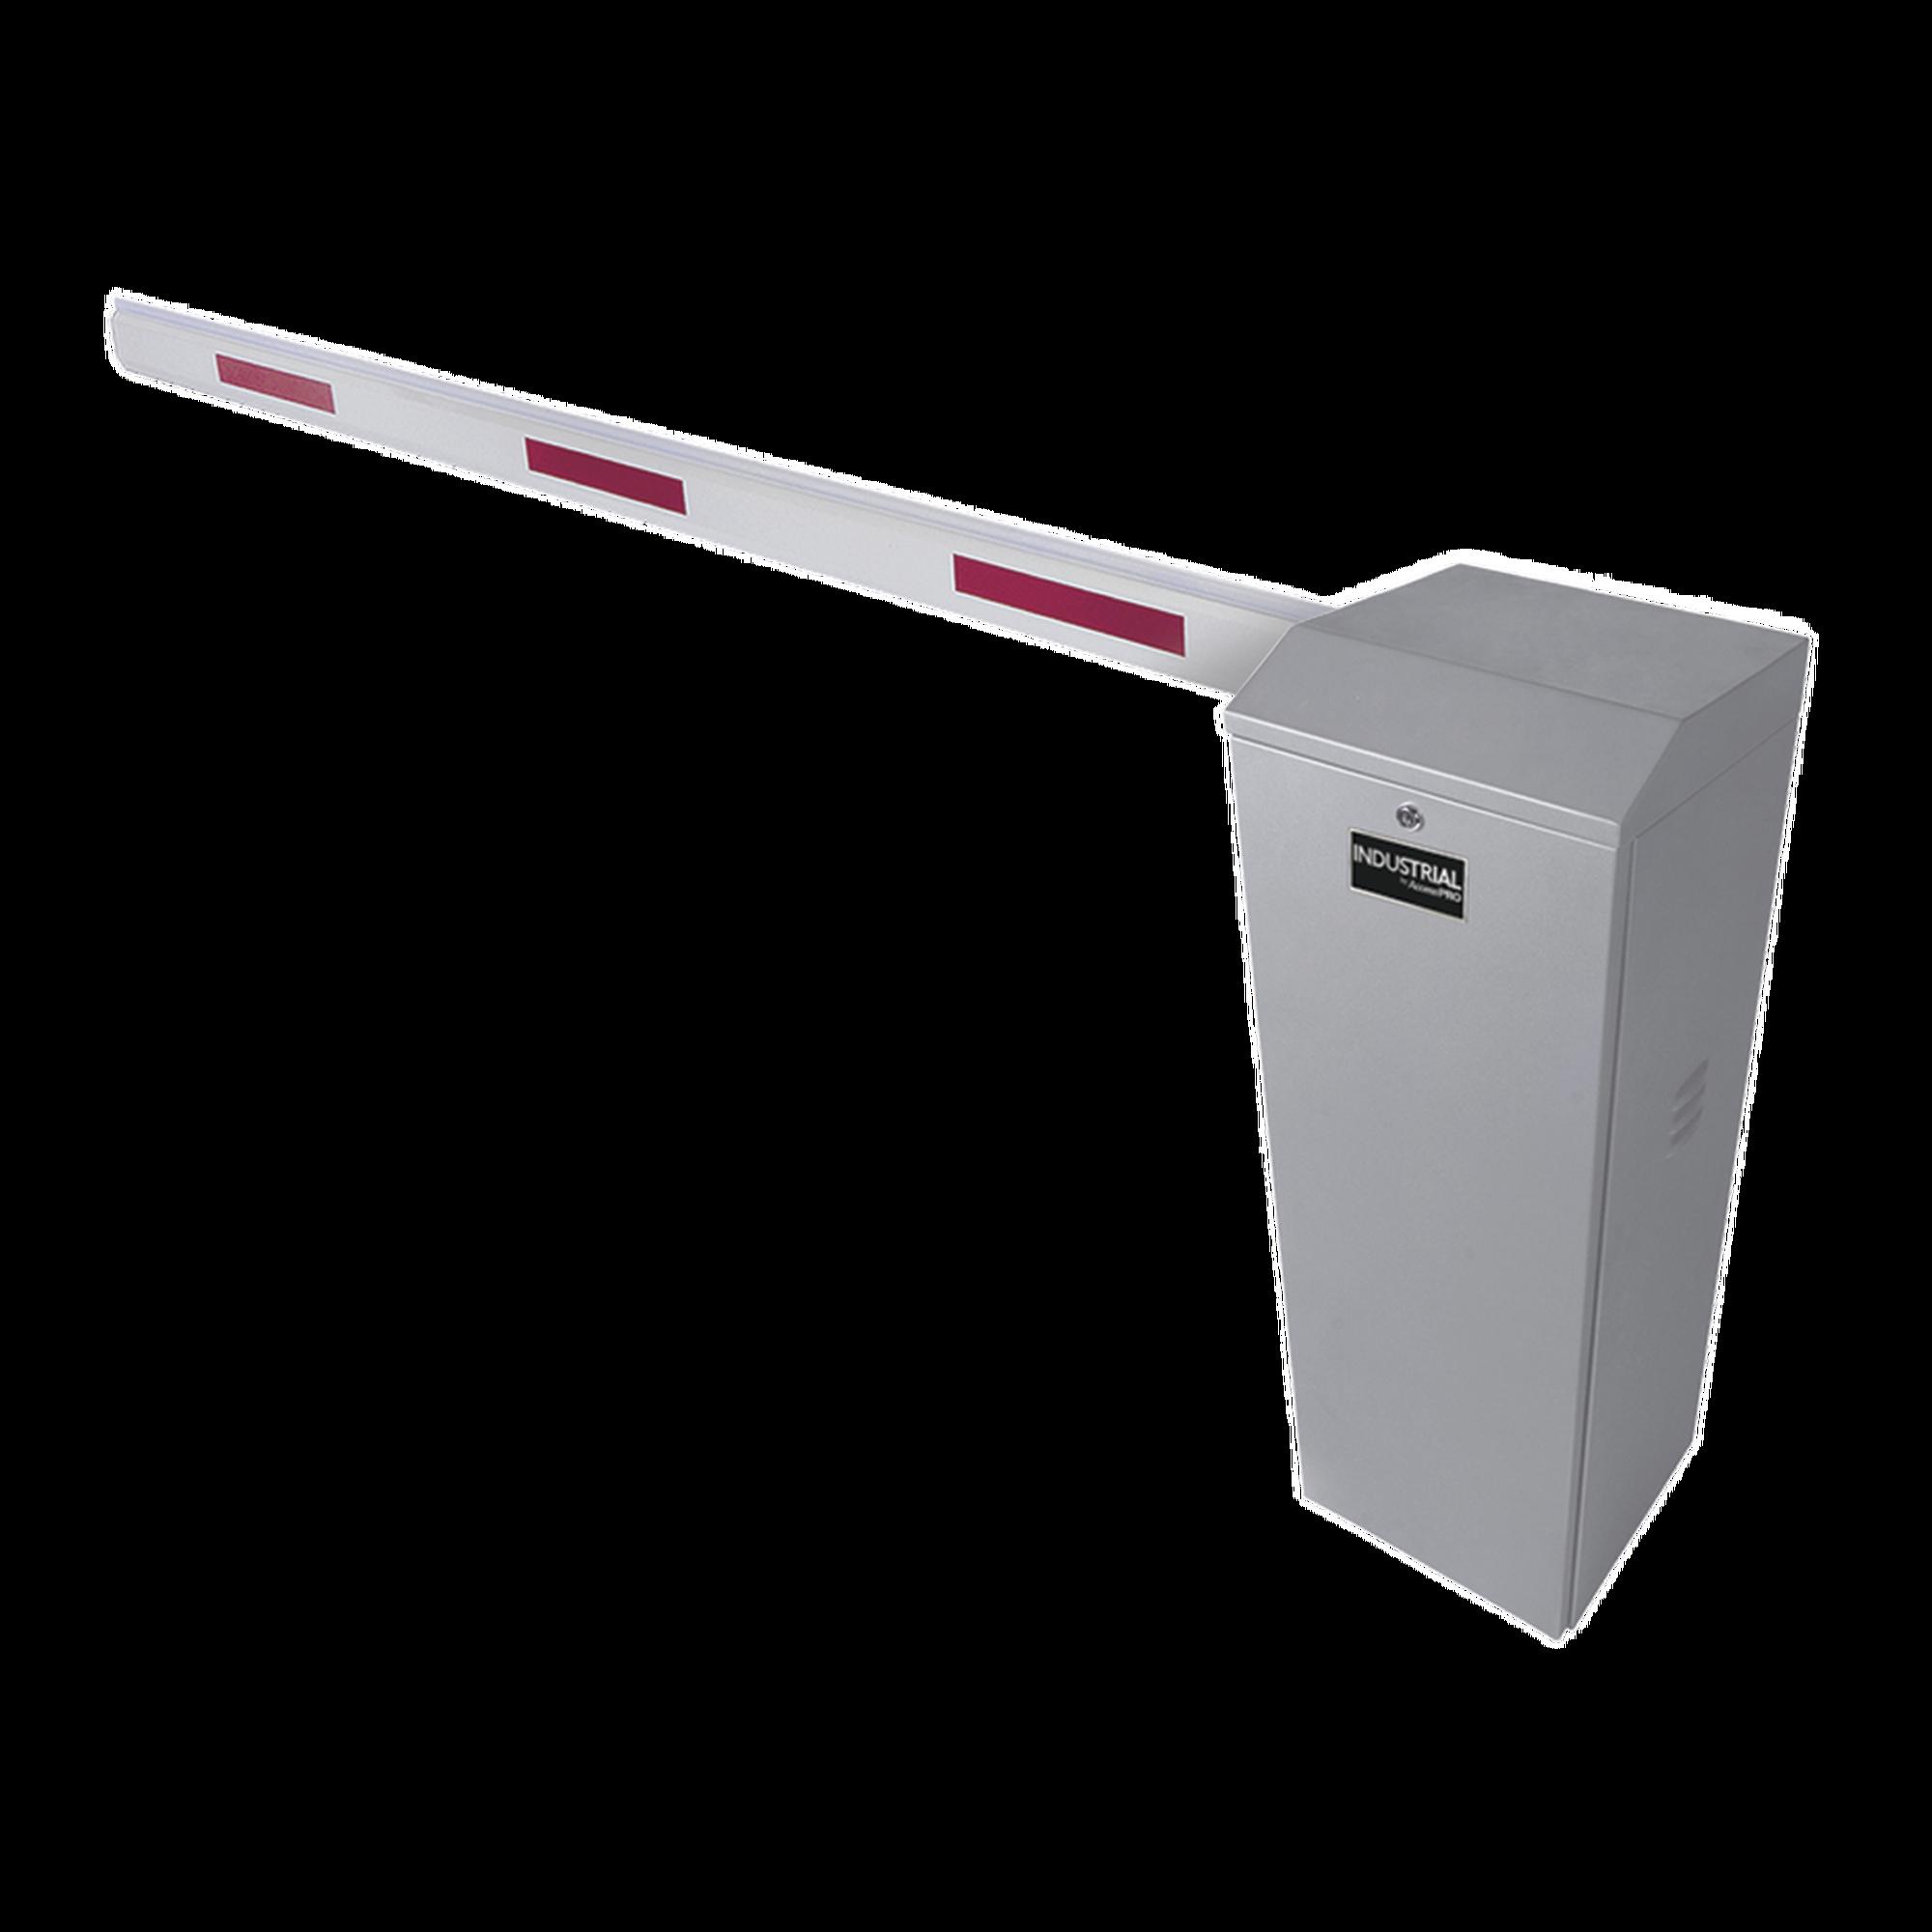 Kit de Barrera Vehicular Izquierda Color Gris y Brazo de 3 m